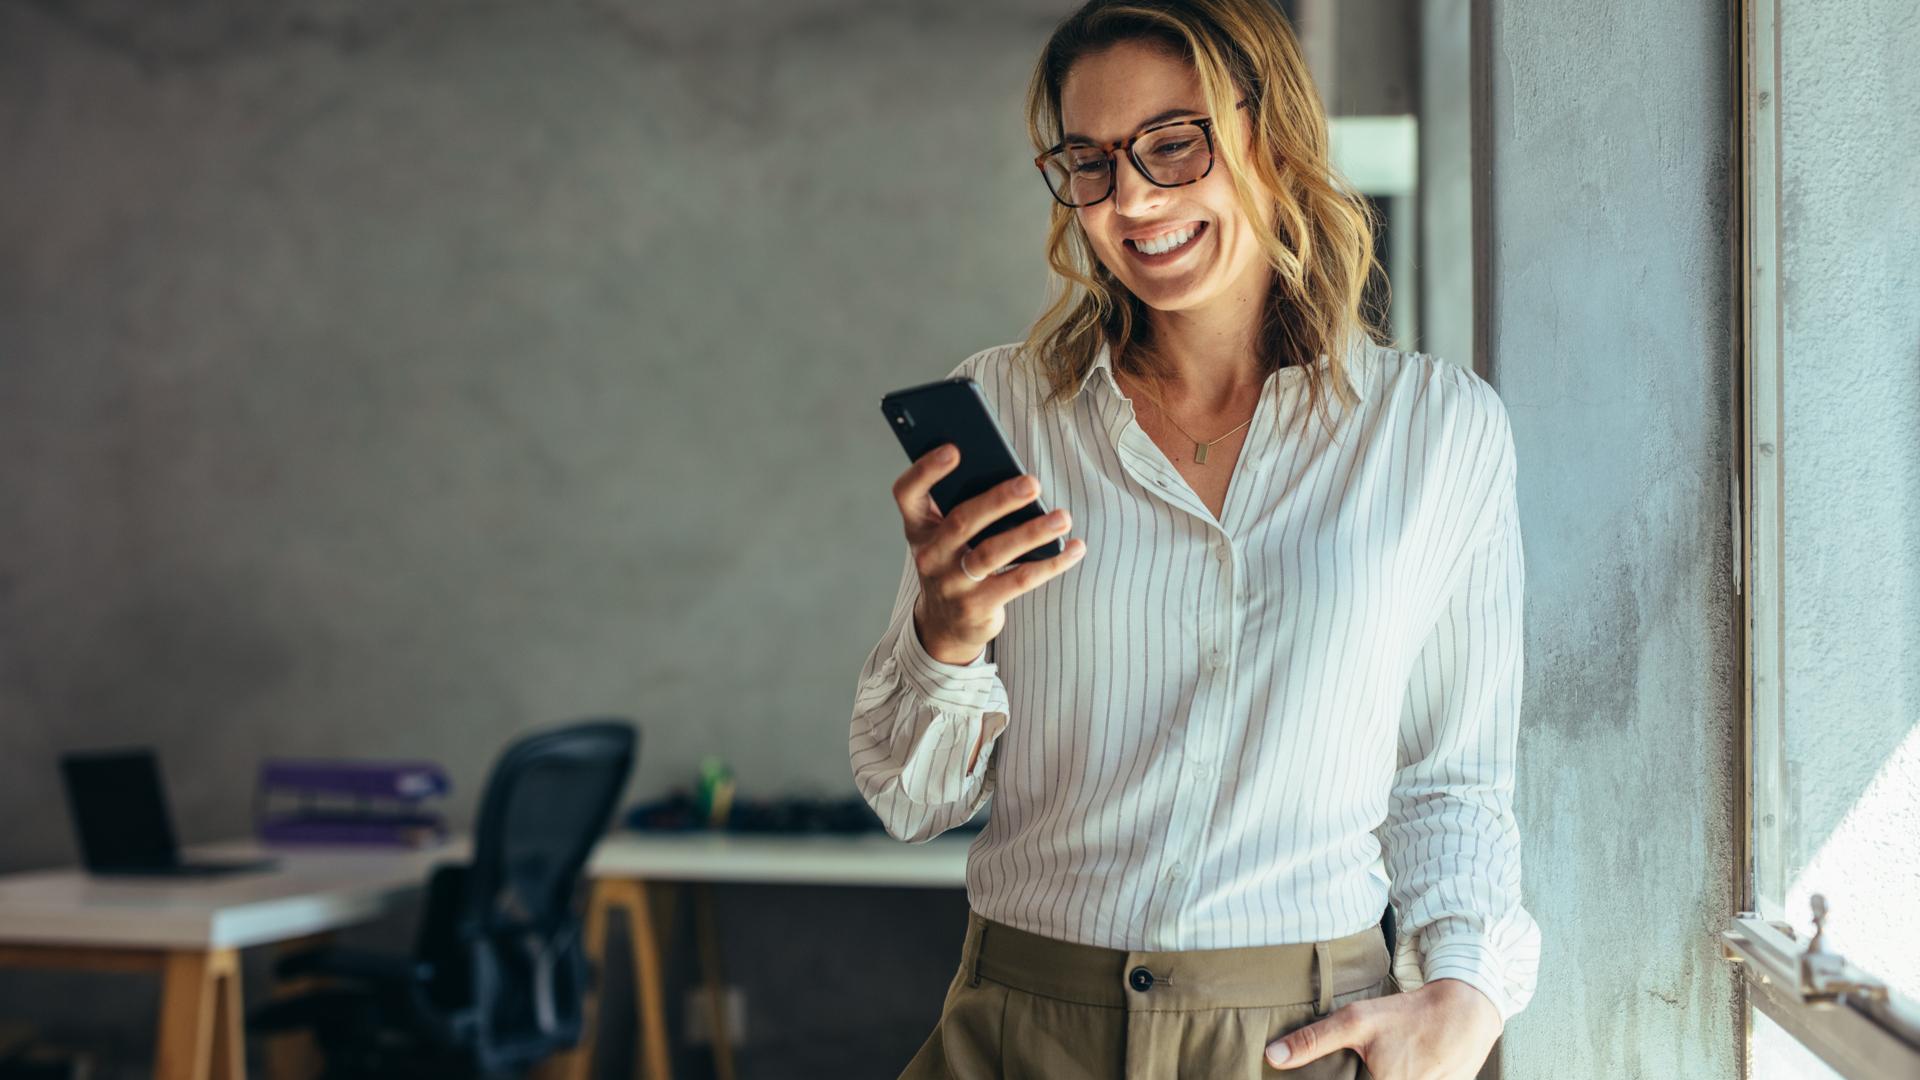 Mobilbruk i bedriften gjort enkelt